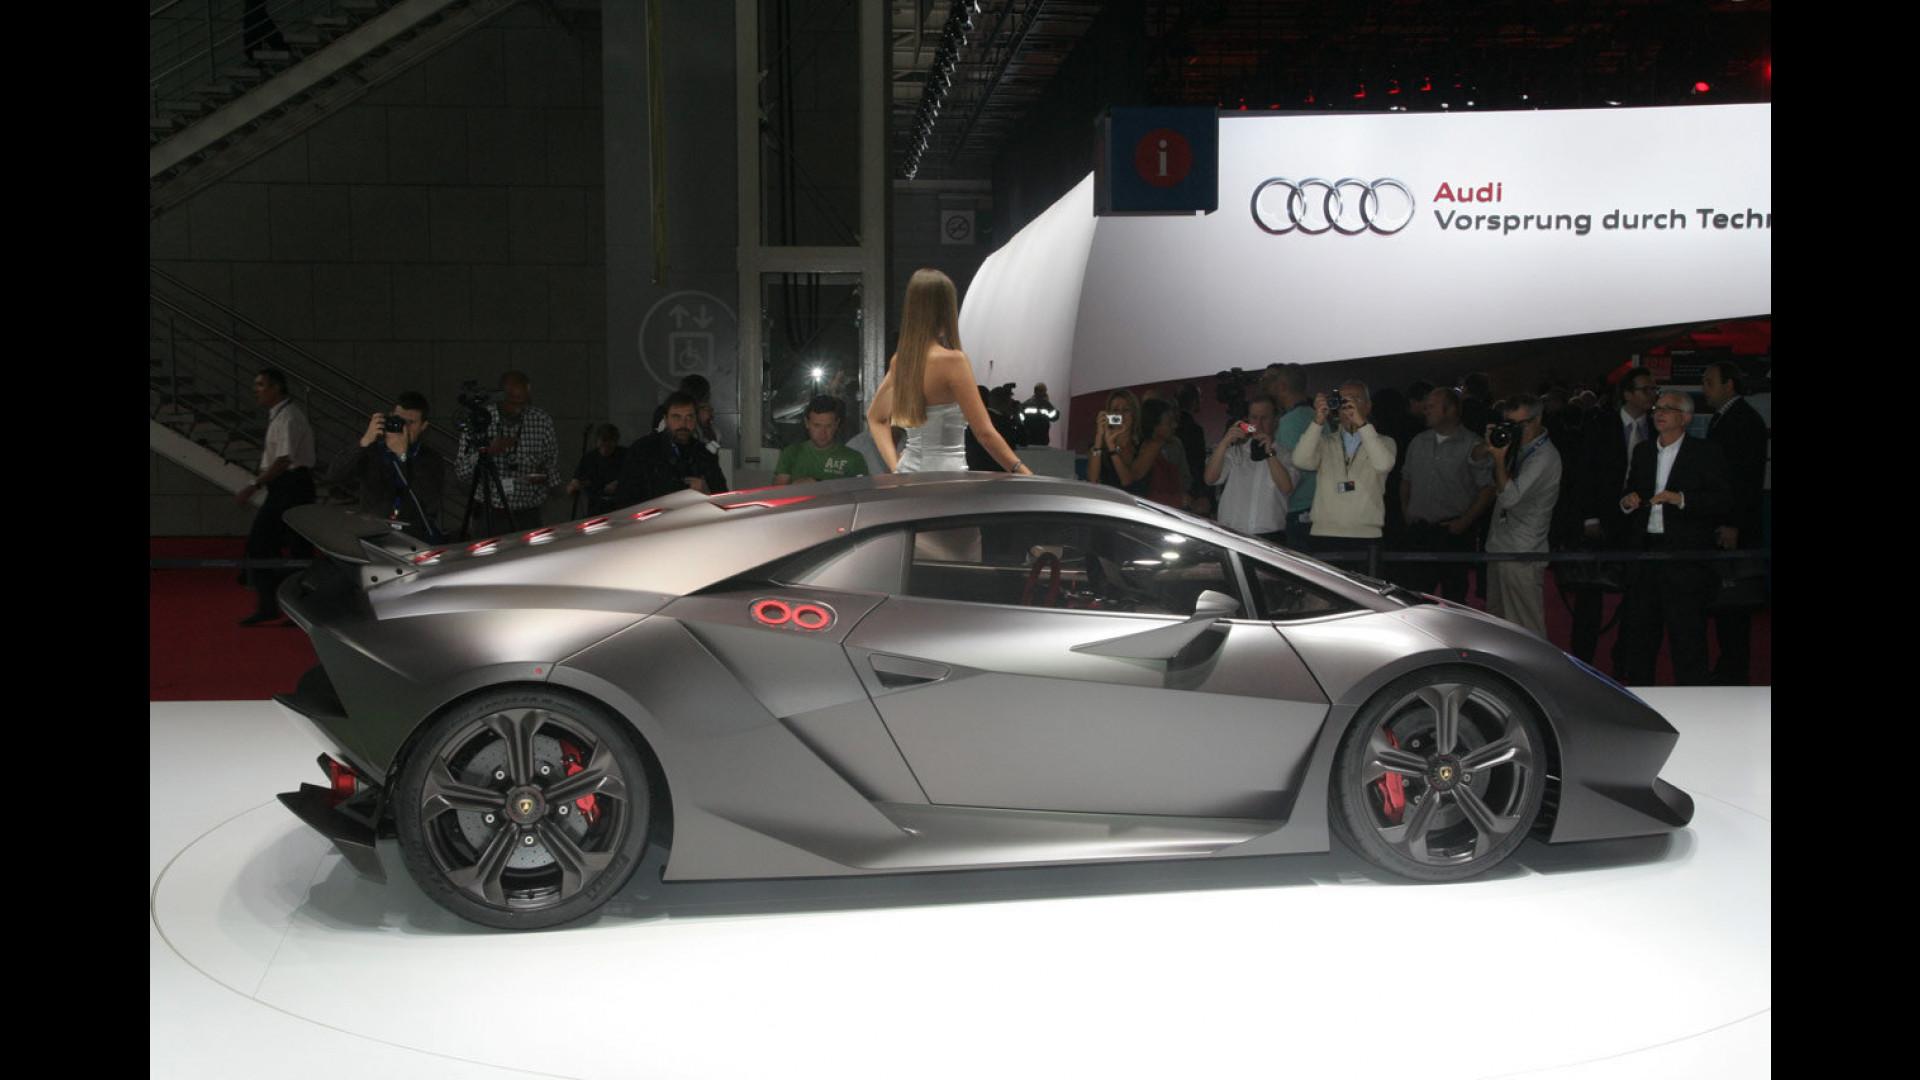 Lamborghini Sesto Elemento Costera 1 9 Mln Di Euro